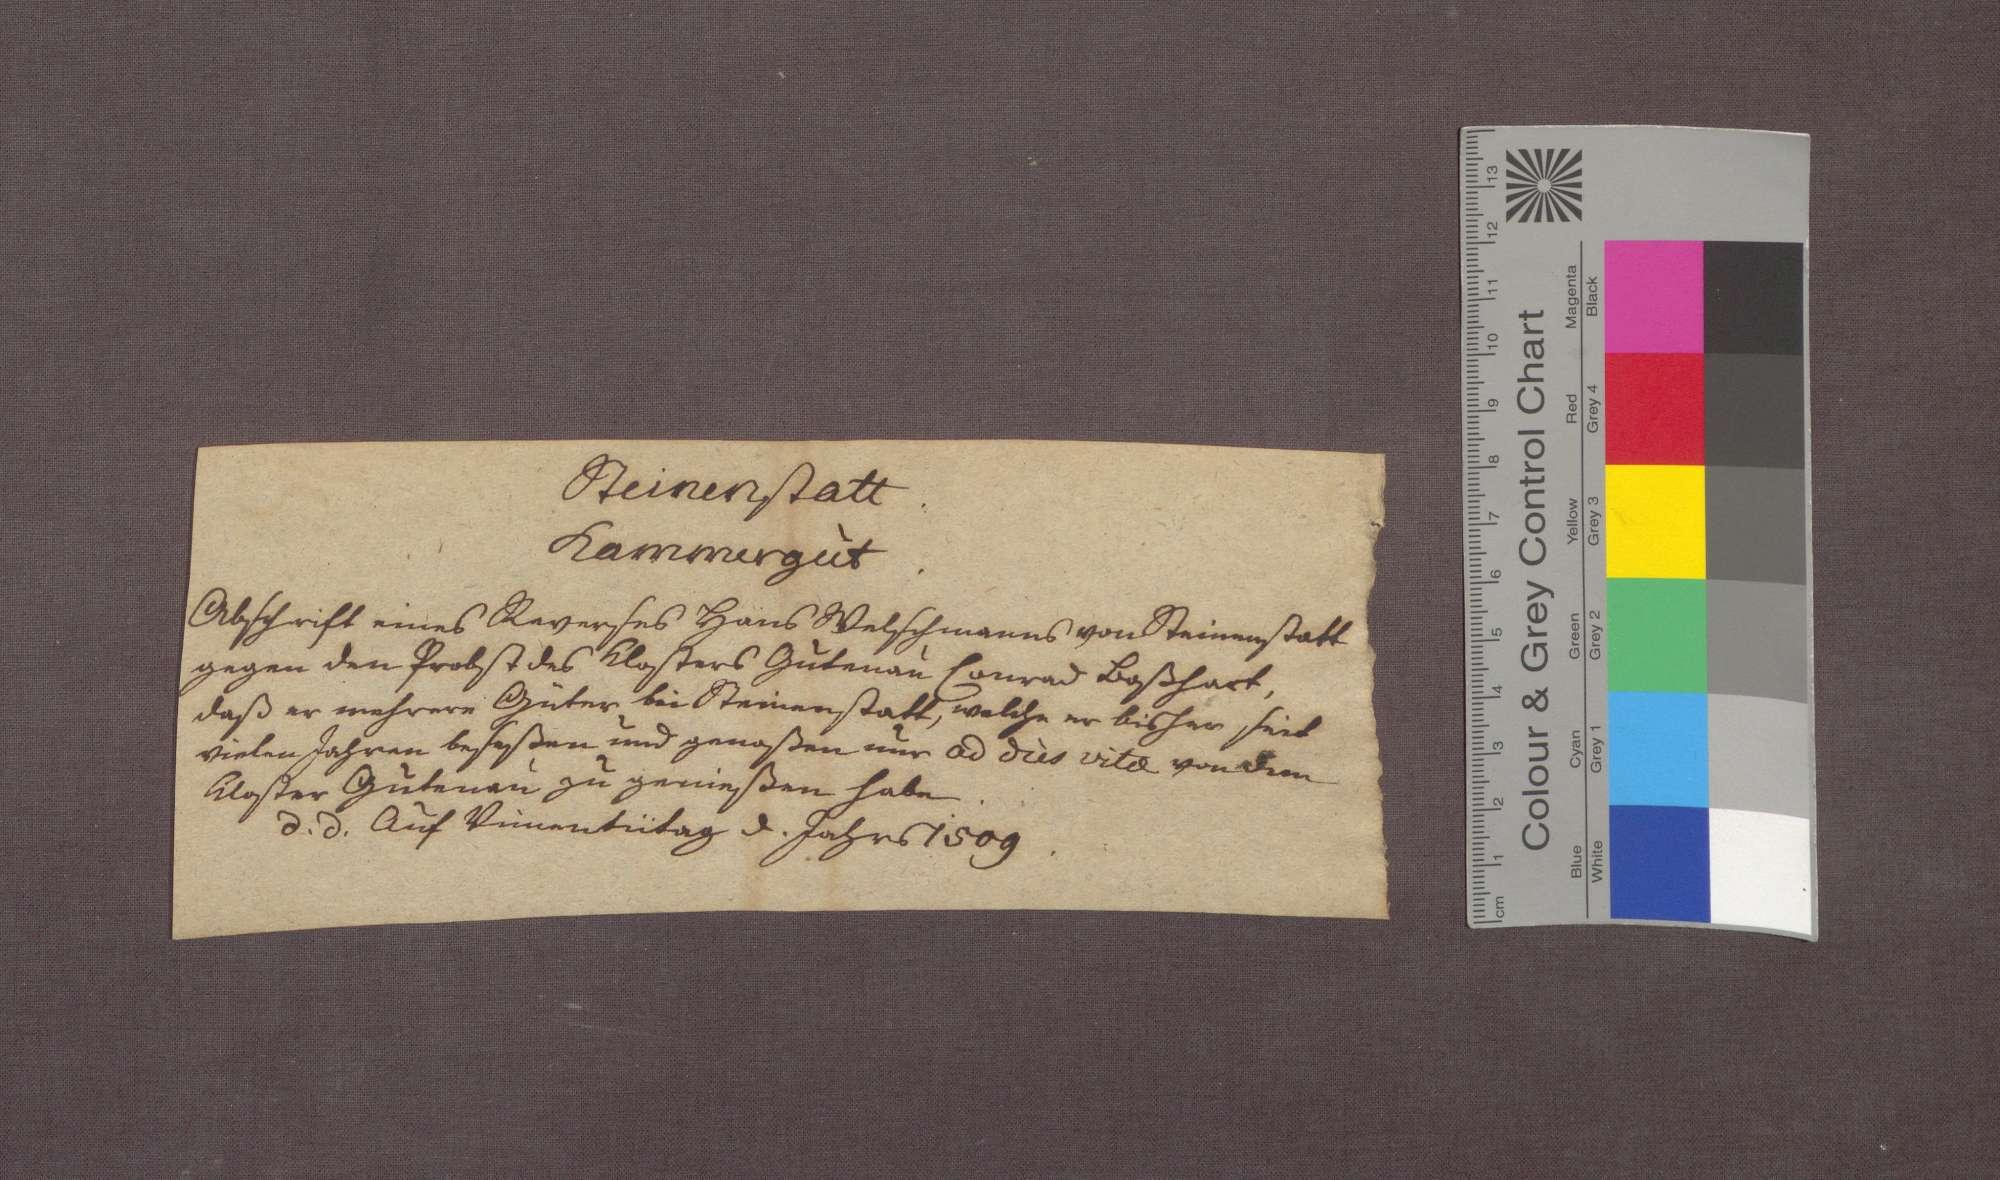 Hans Welchemann zu Steinenstadt bekennt, das Kloster Gutnau habe ihm Güter, die er seint langem genutzt hat und die Eigentum des Klosters sind, zu lebenslanger Nutznießung überlassen., Bild 3